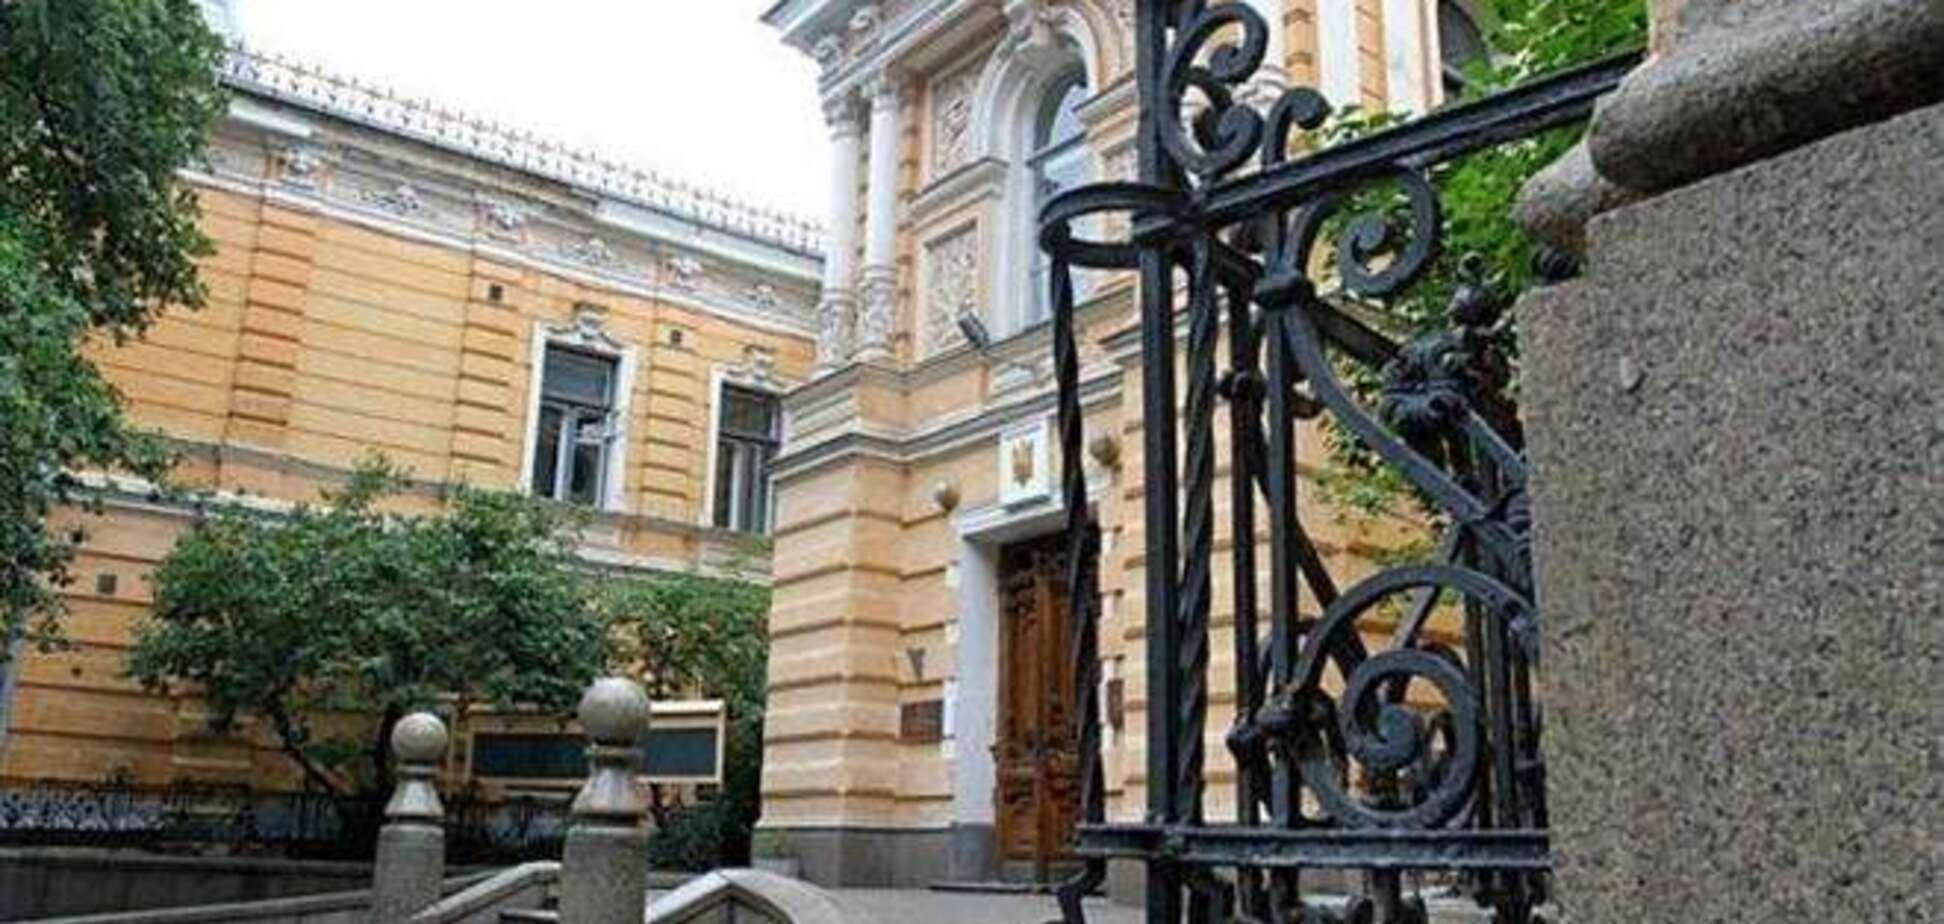 'Беркут' разгромил здание Союза писателей: били всех без разбора